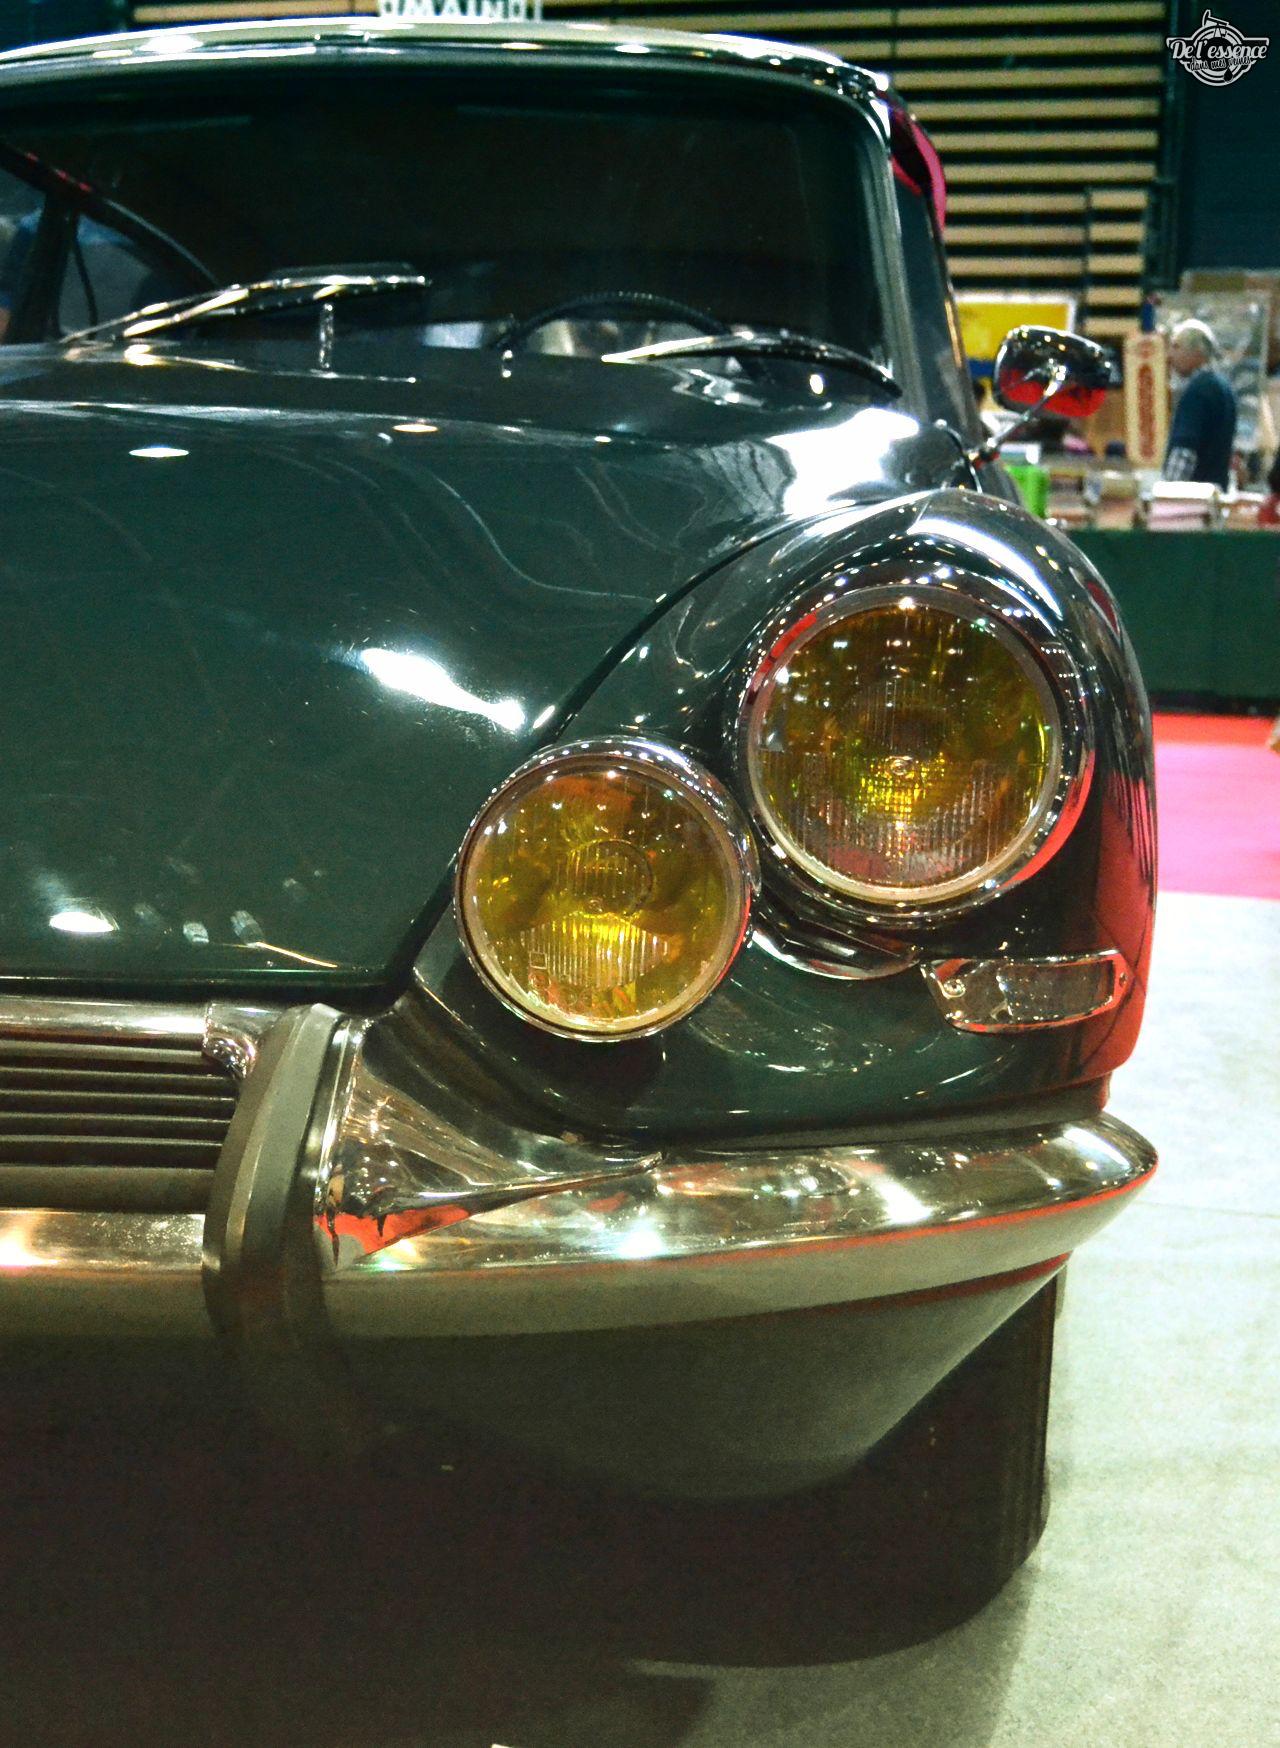 Epoqu'Auto 2K17... Rencard de vieilles à Lyon ! 8